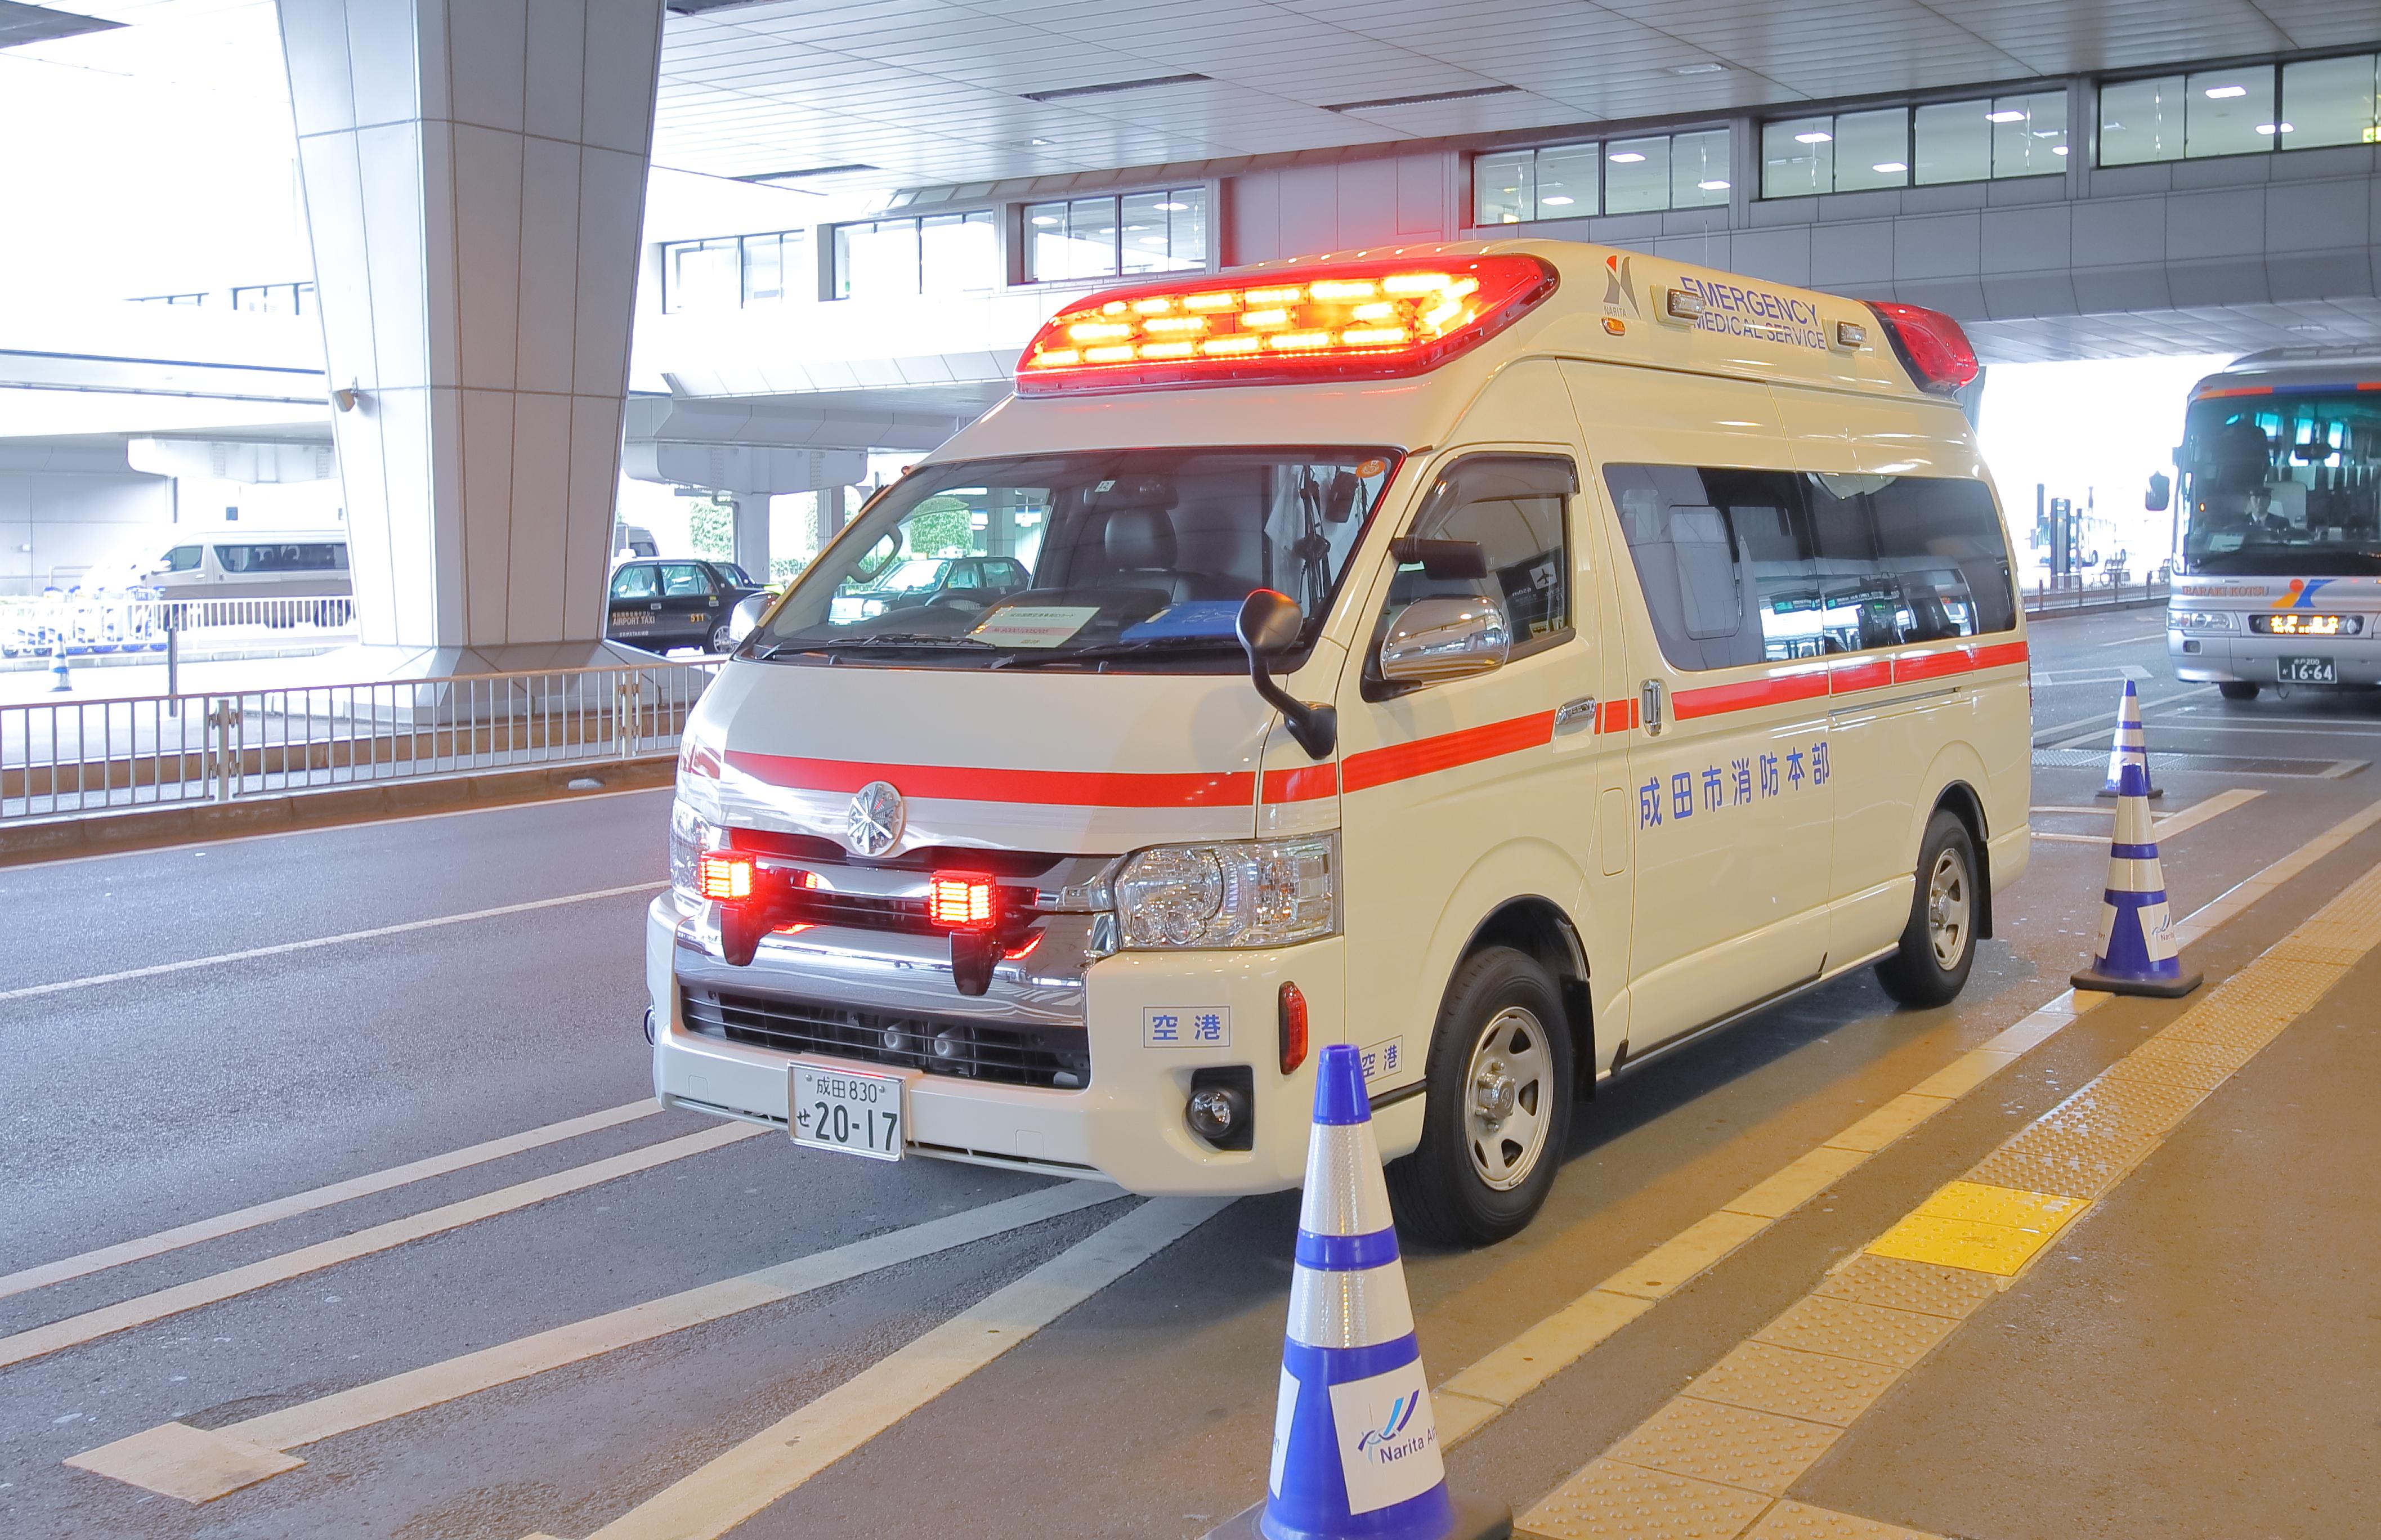 Ambulance paramedic Tokyo Japan